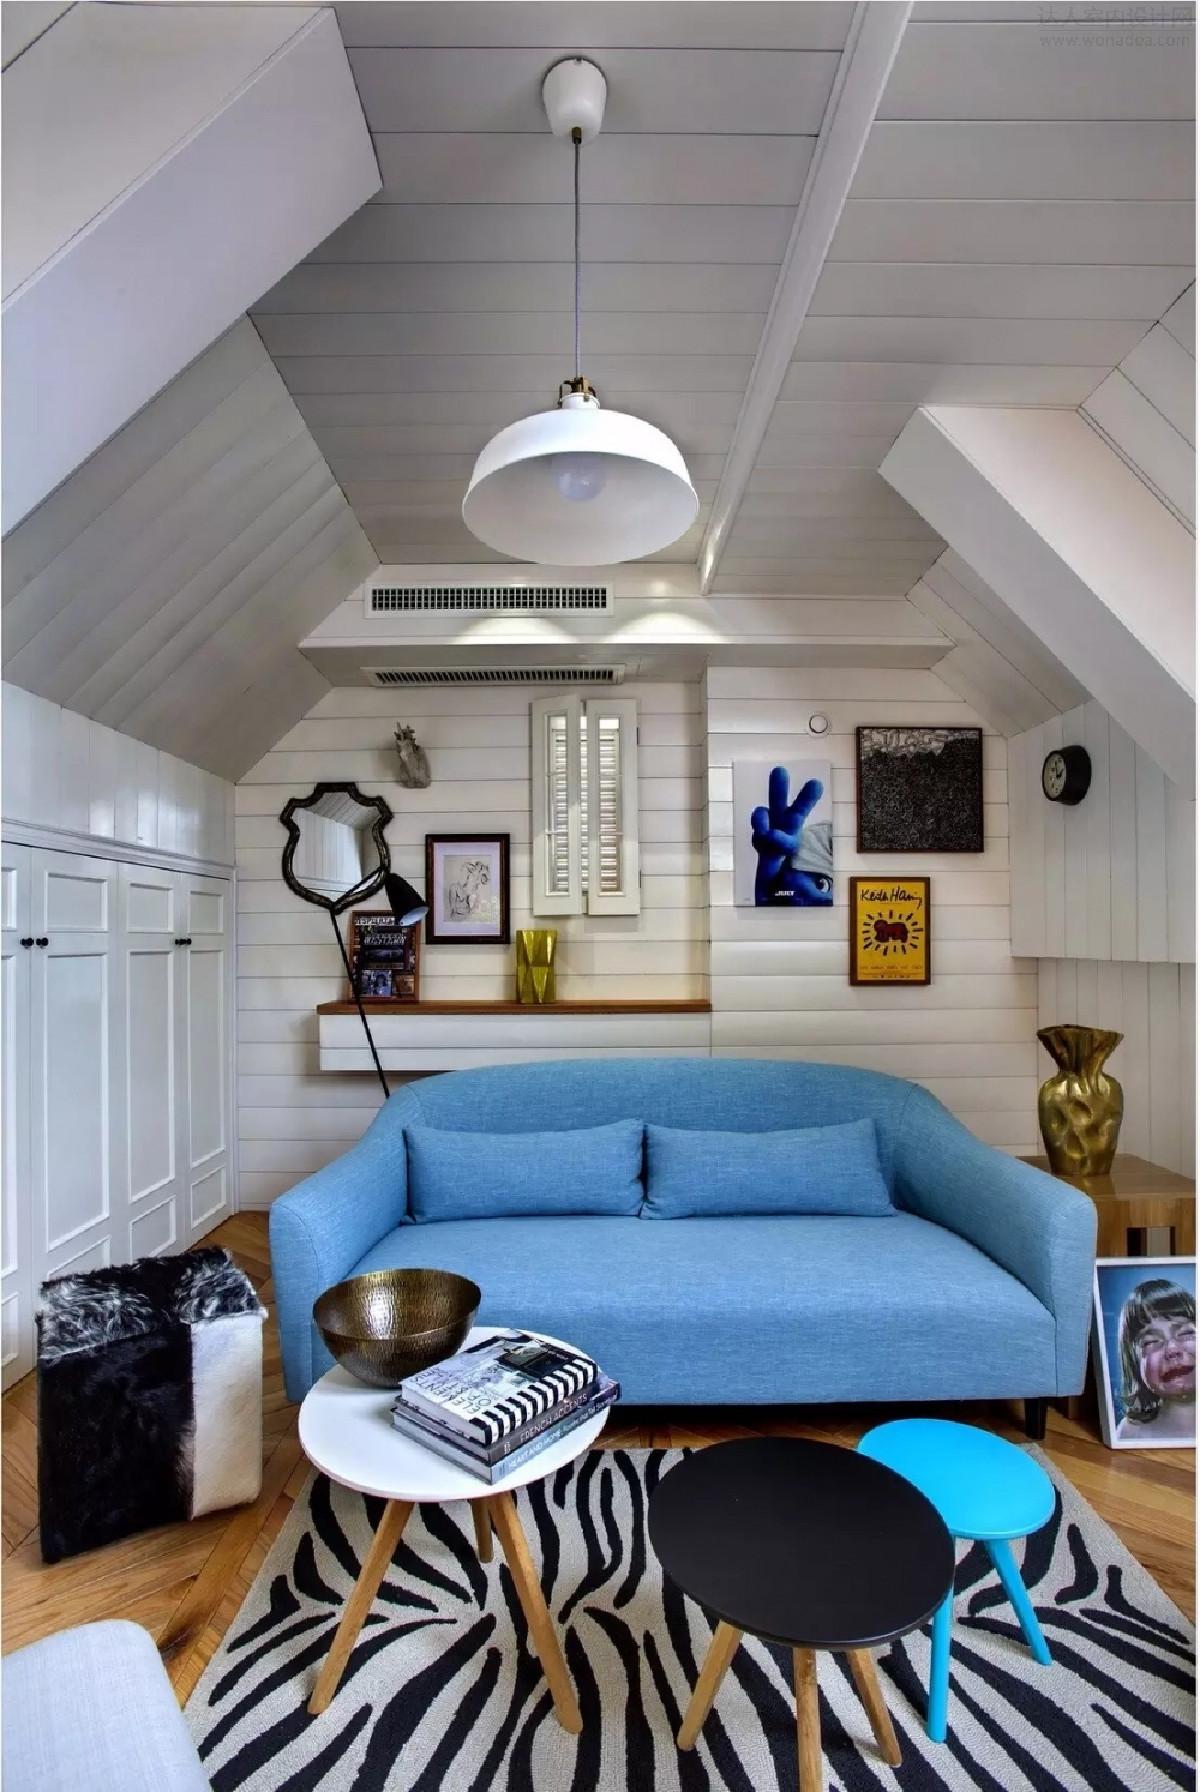 阁楼是预留的一间小客厅兼储藏室。自制的鱼骨地板搭配着柔软舒适的地毯,各式各样的装饰画和鲜艳的沙发,压力再大的人都不会再有烦恼。